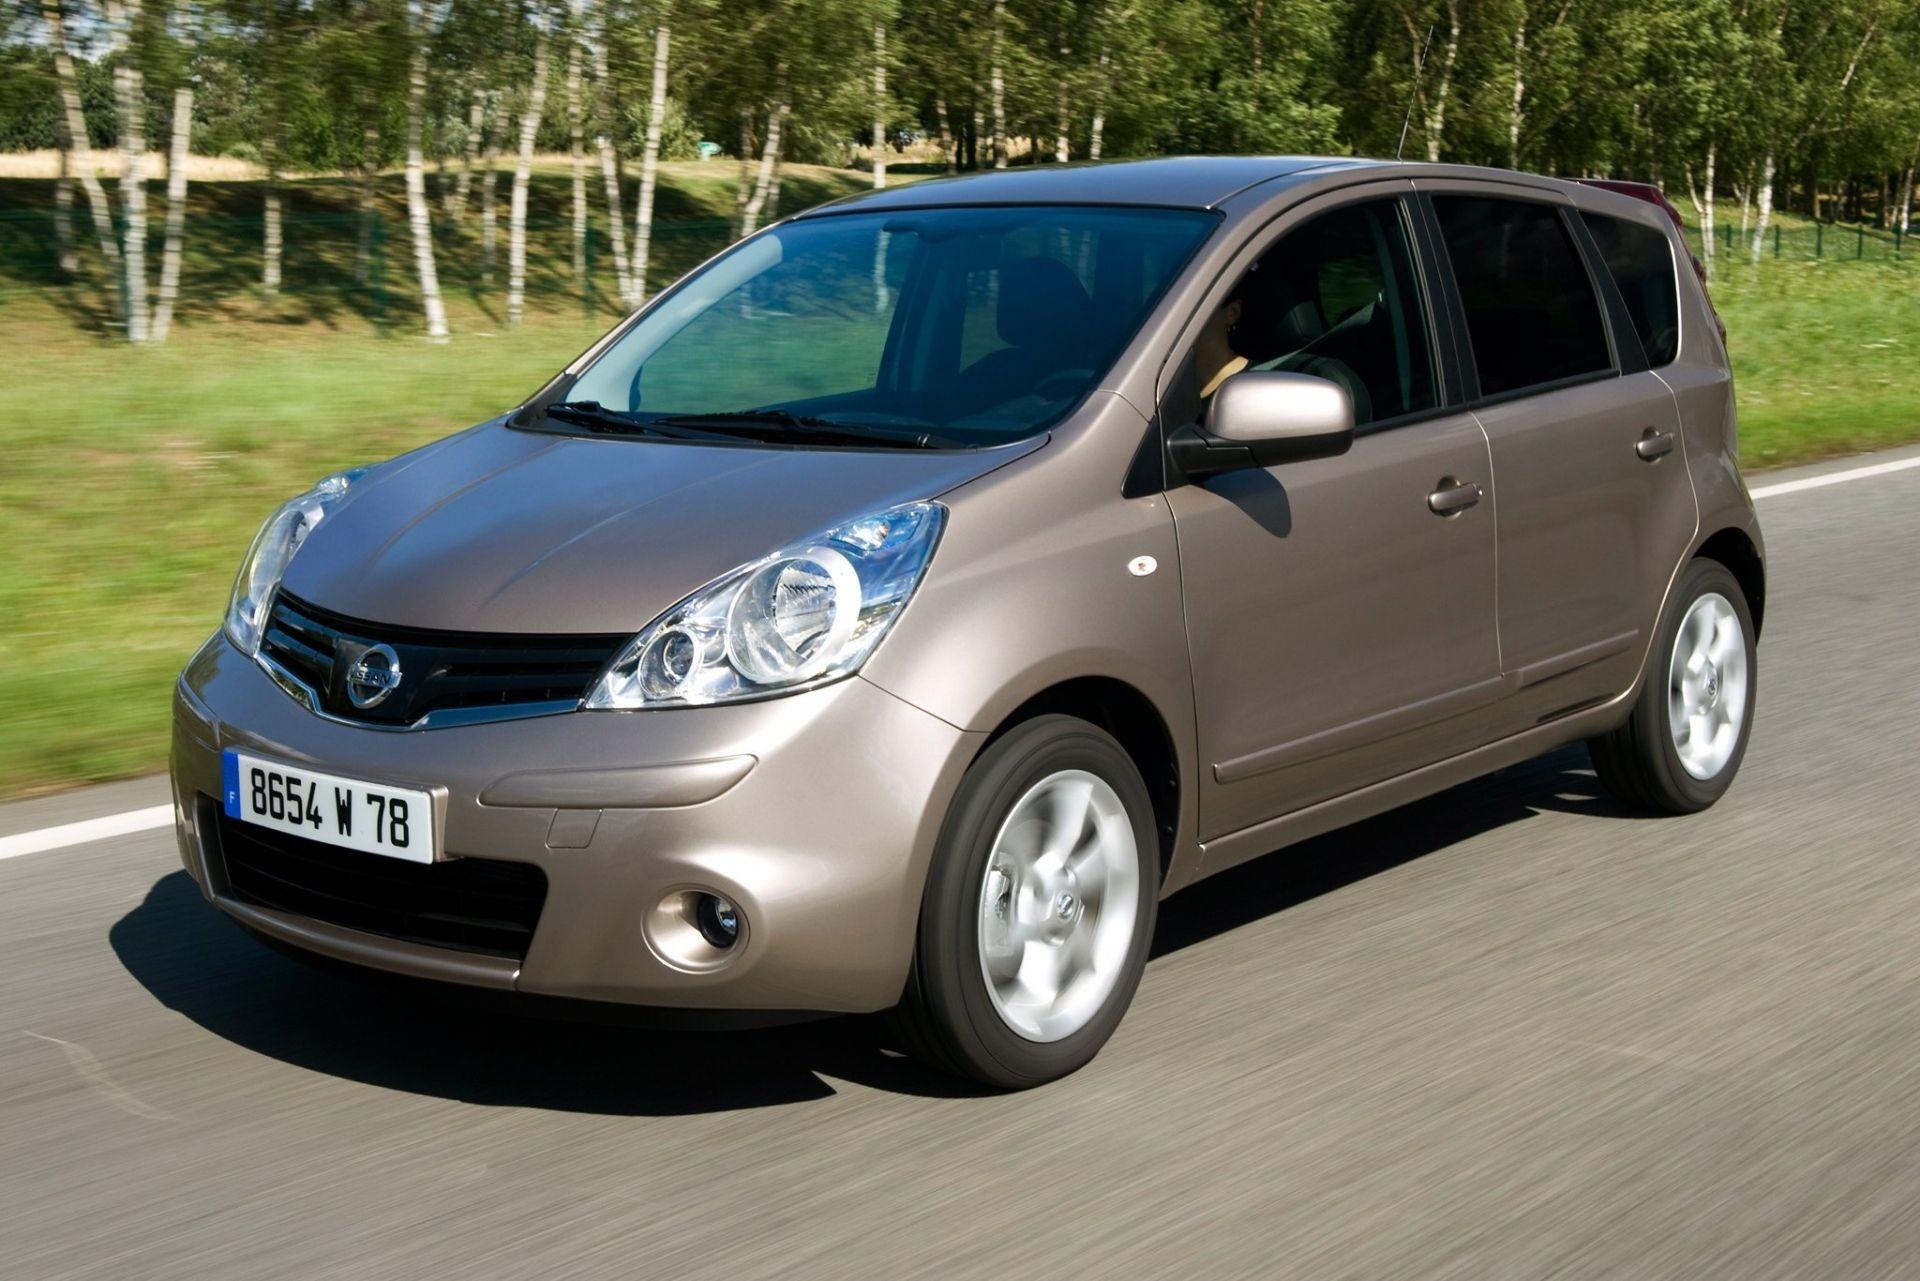 Nissan soobshhila ob otzyve avtomobilej na territorii Rossii